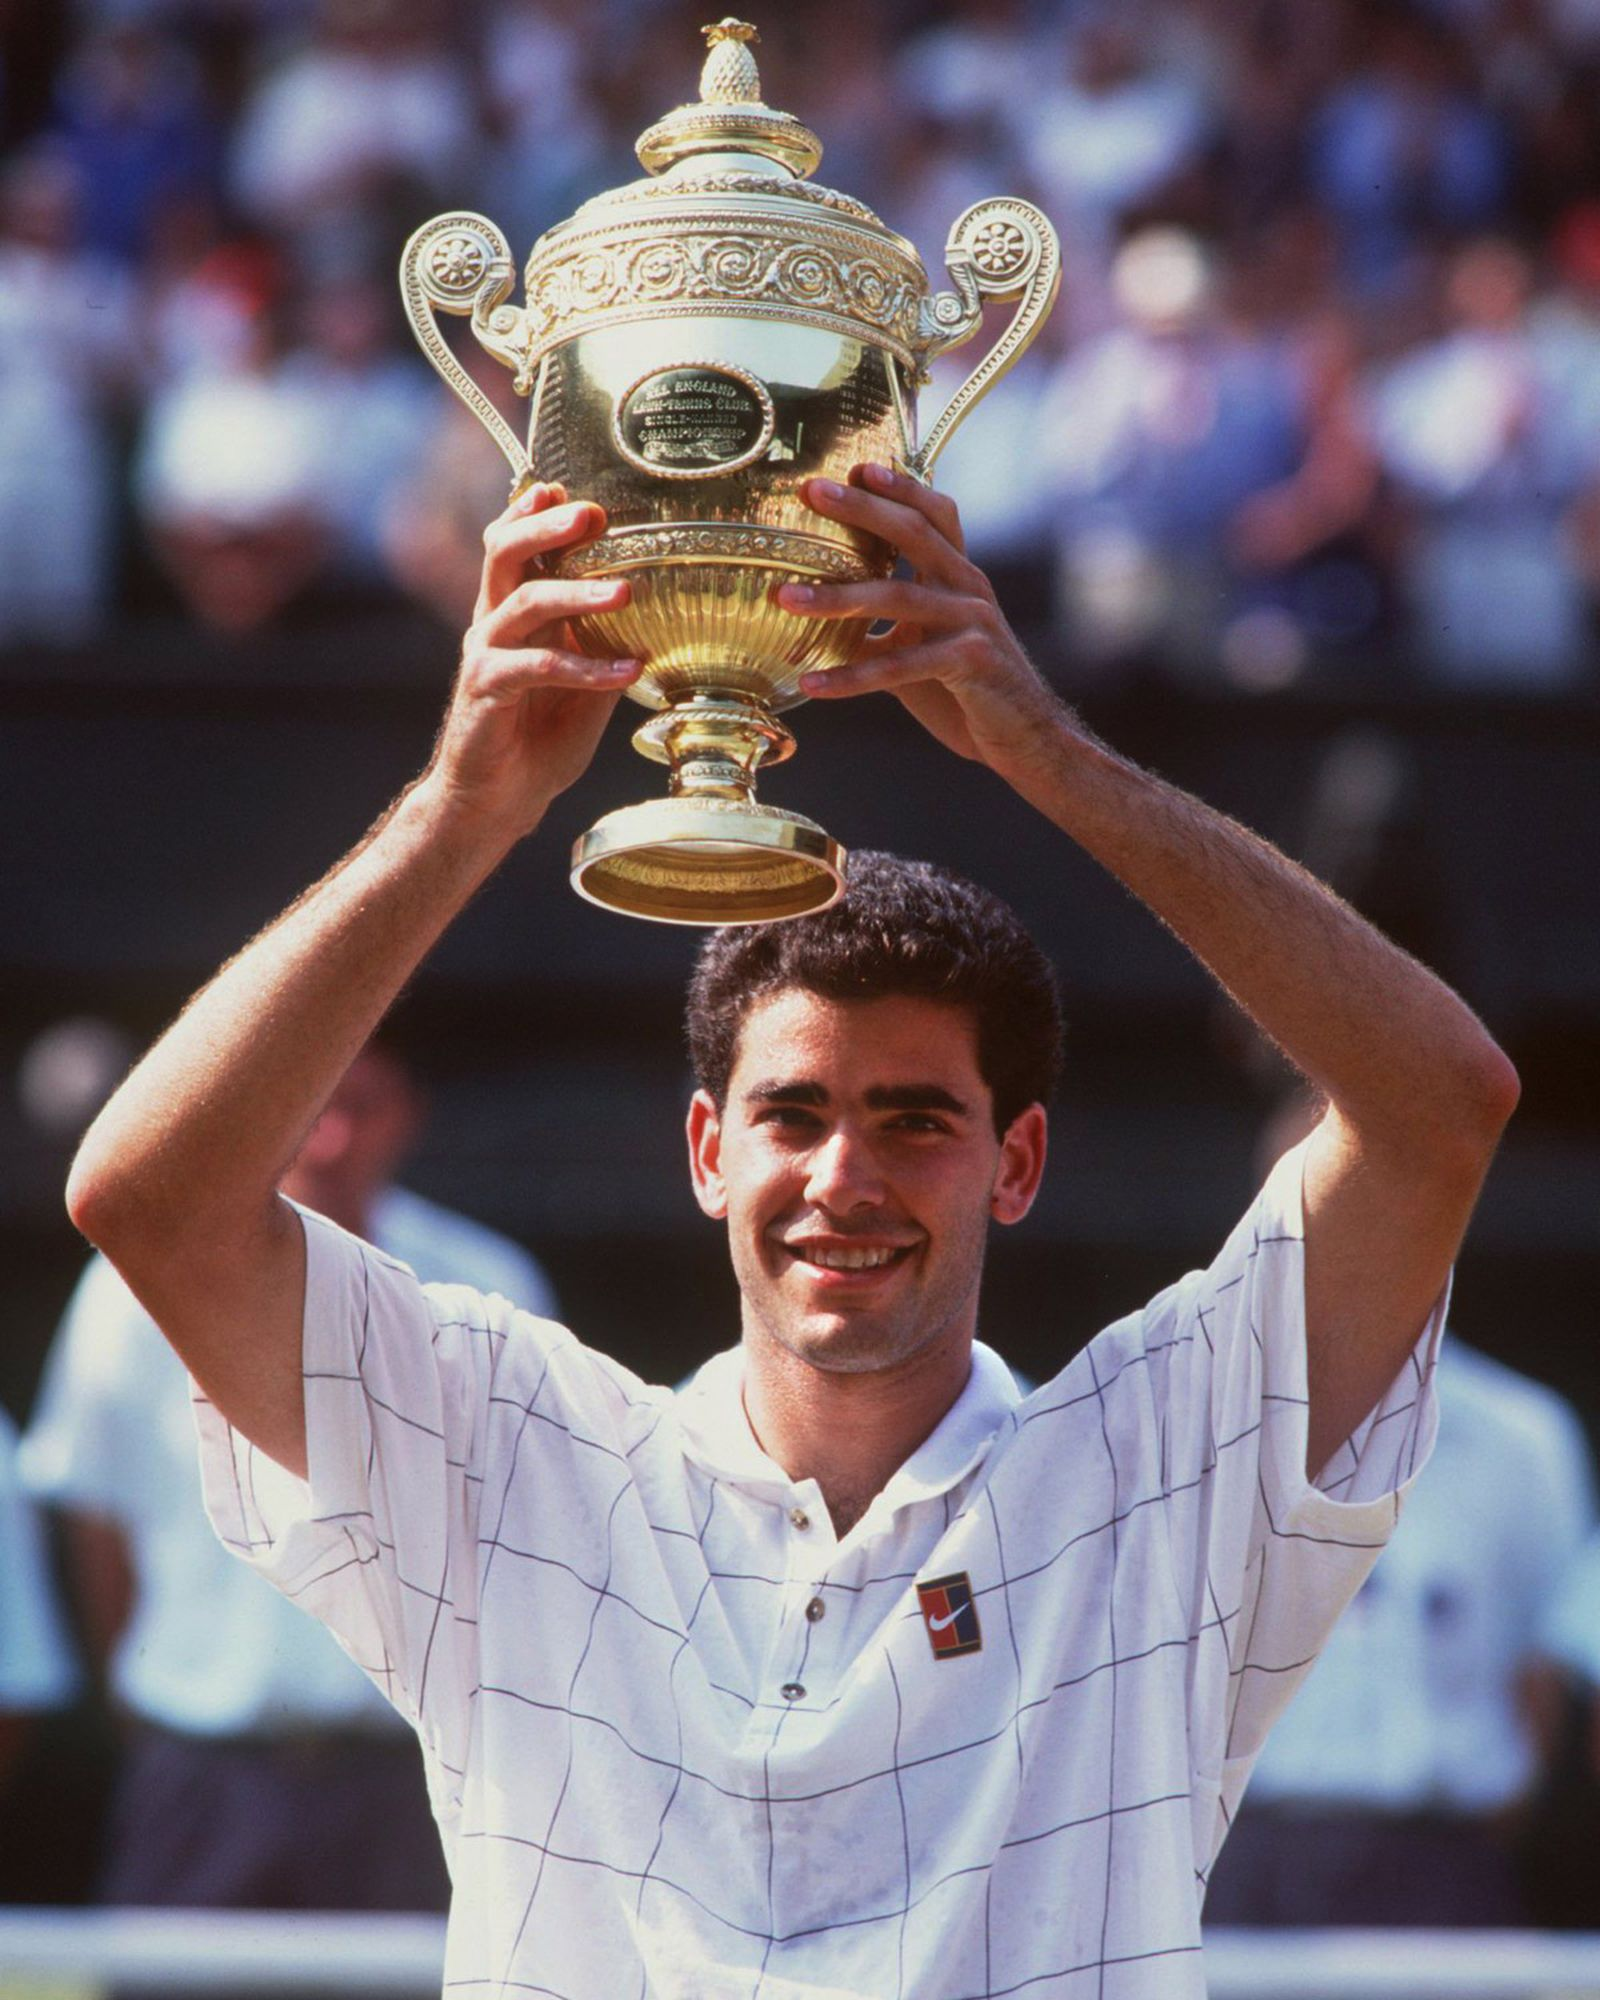 Sampras defeats Boris Becker to win Wimbledon 1995